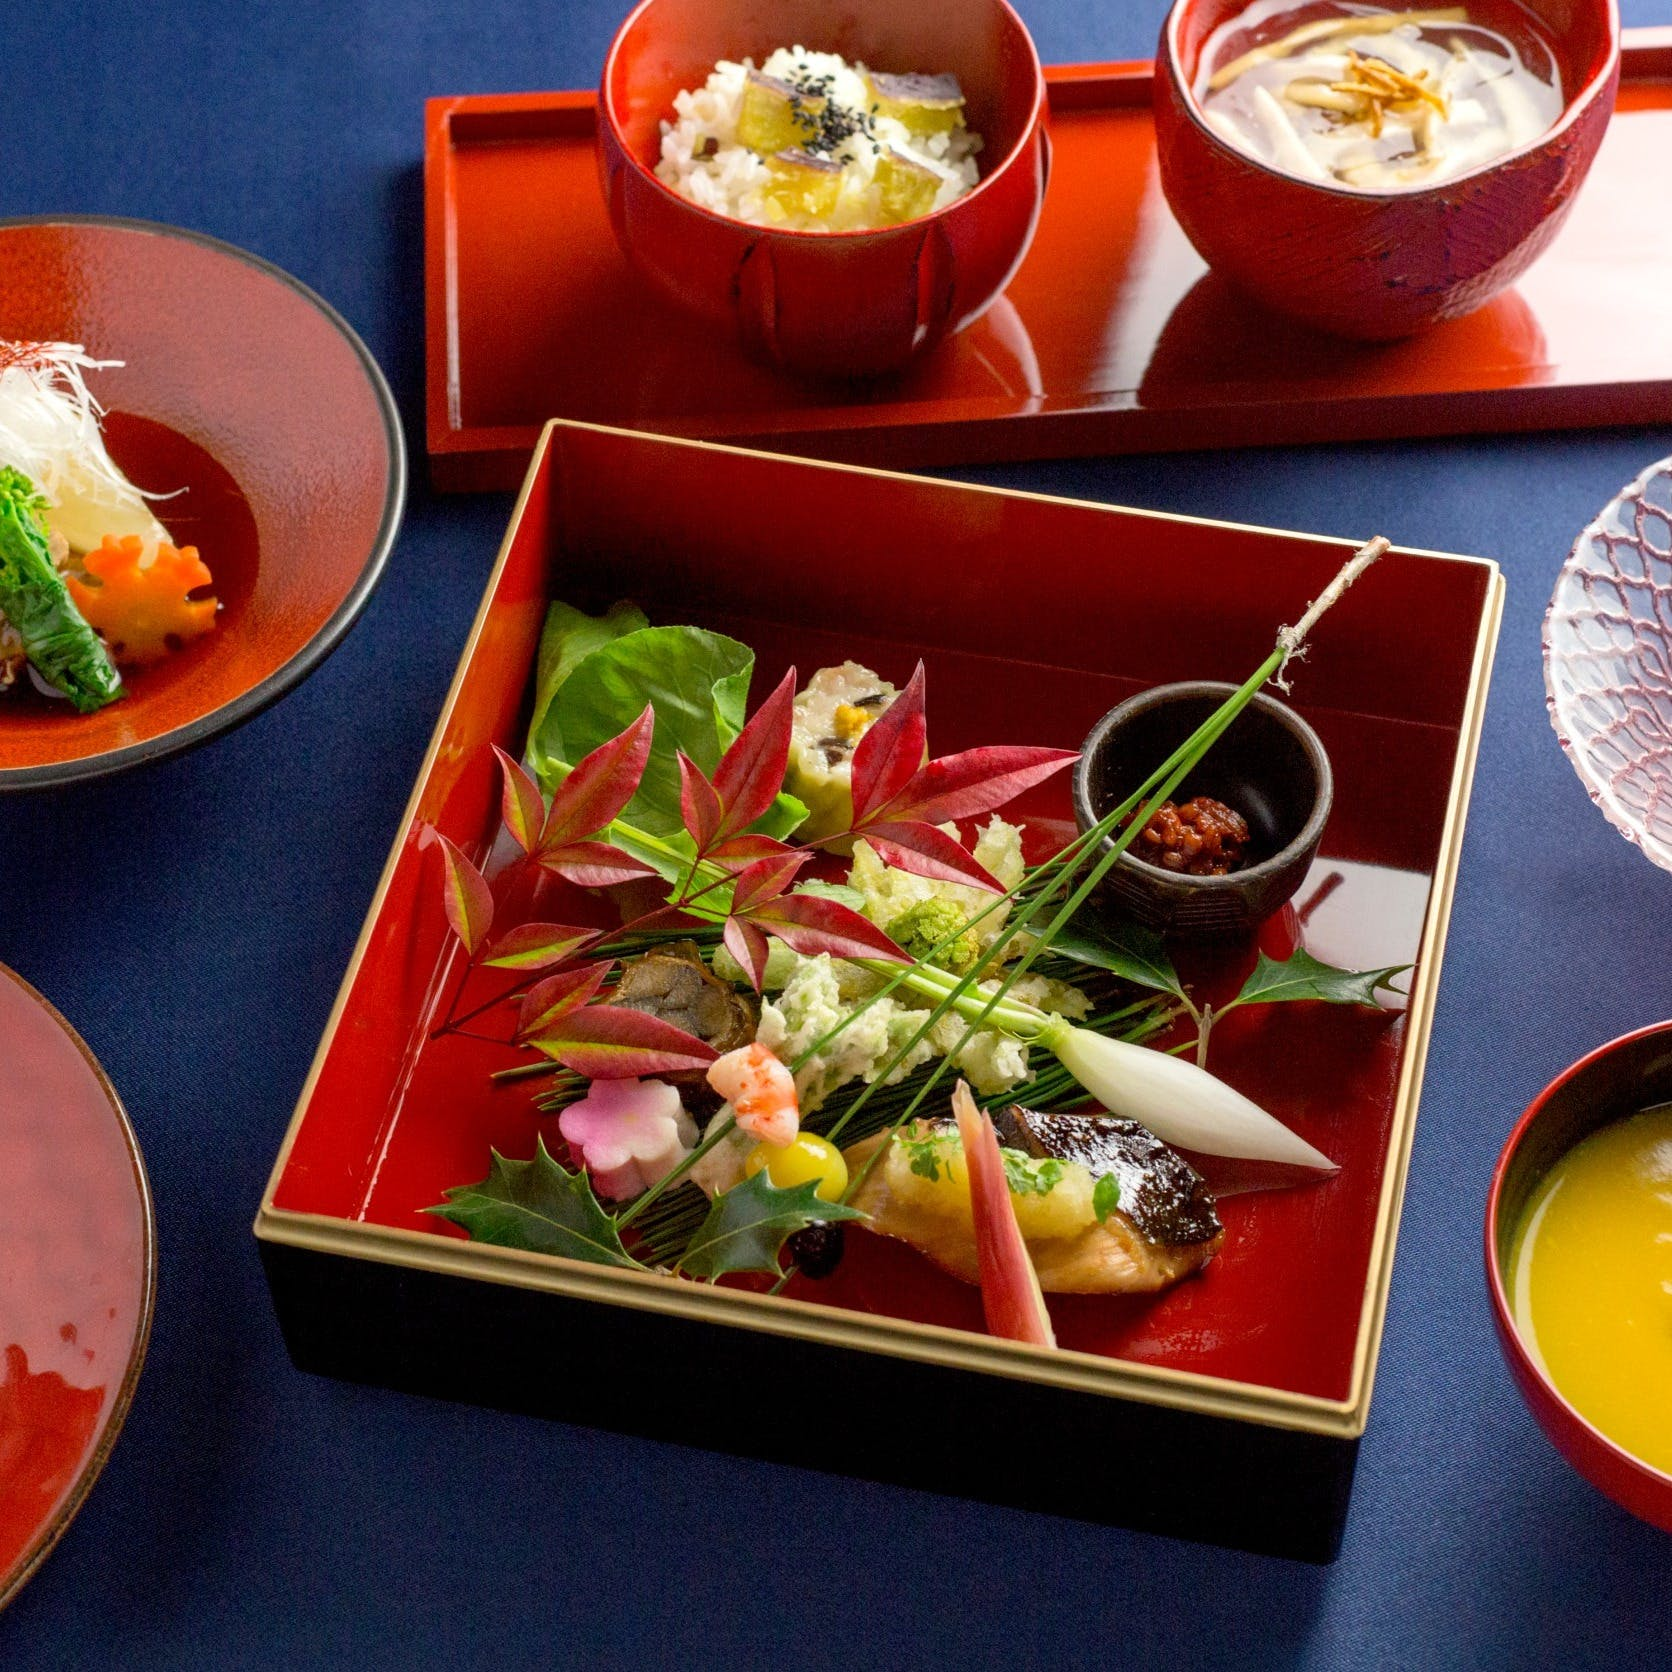 お手頃なランチから本格ディナー会席まで旬の食材をふんだんに使用した和食